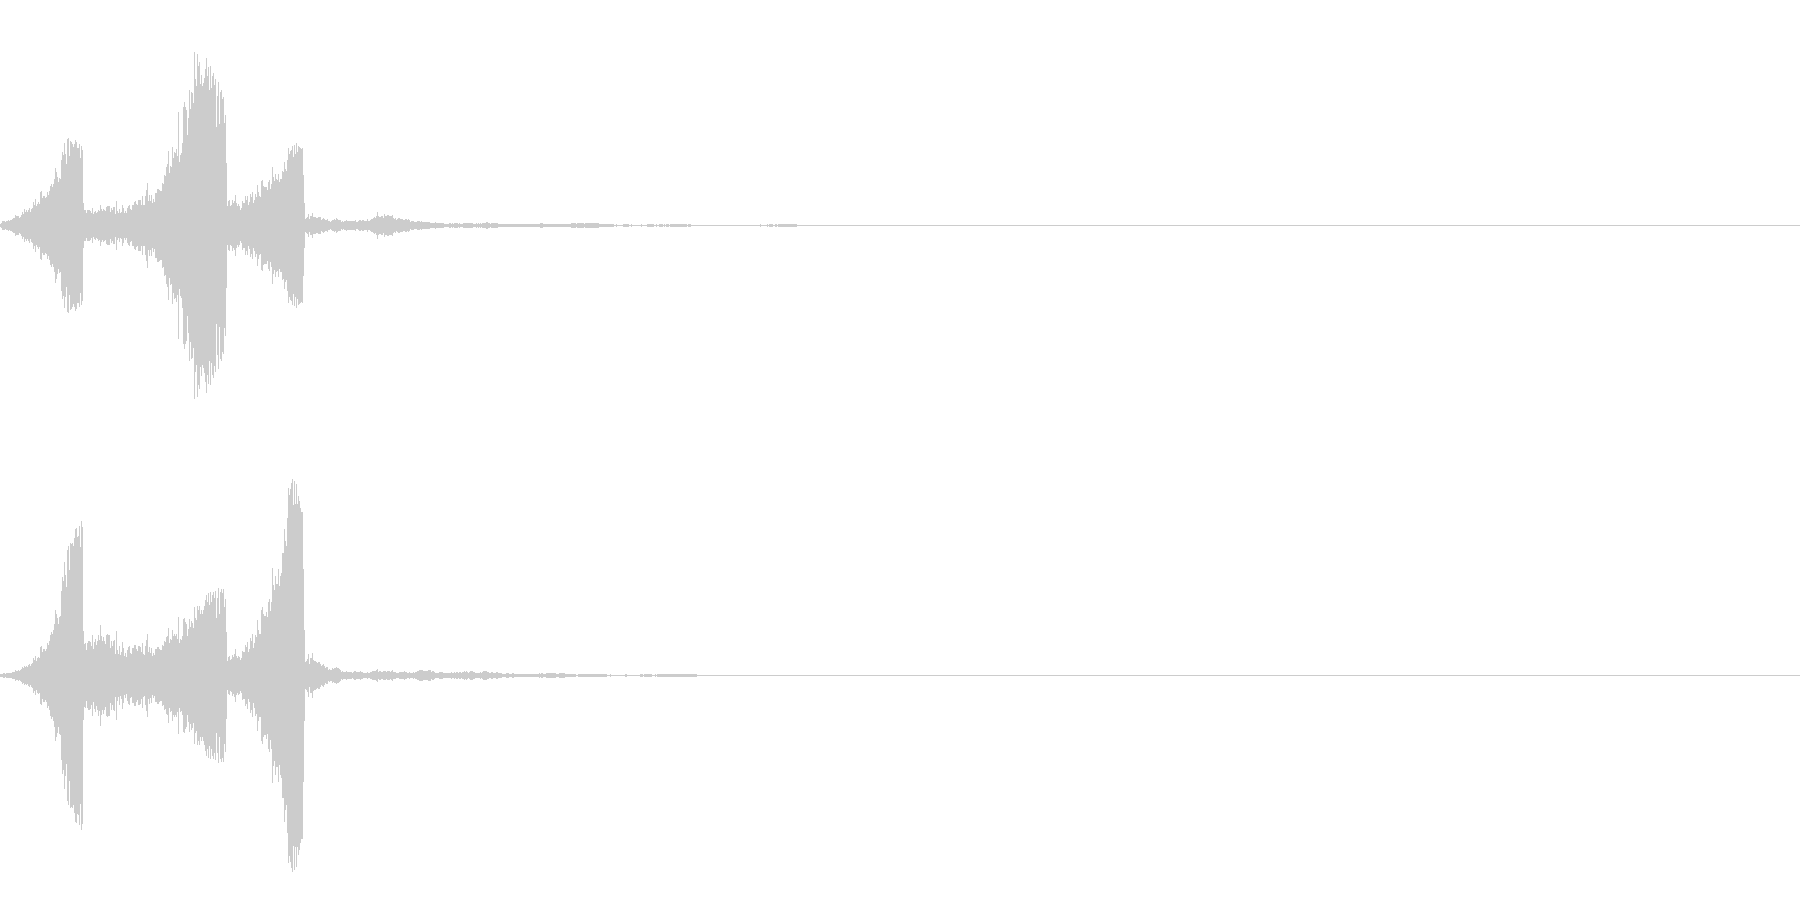 場面転換シャシャッ スタイリッシュ効果音の未再生の波形